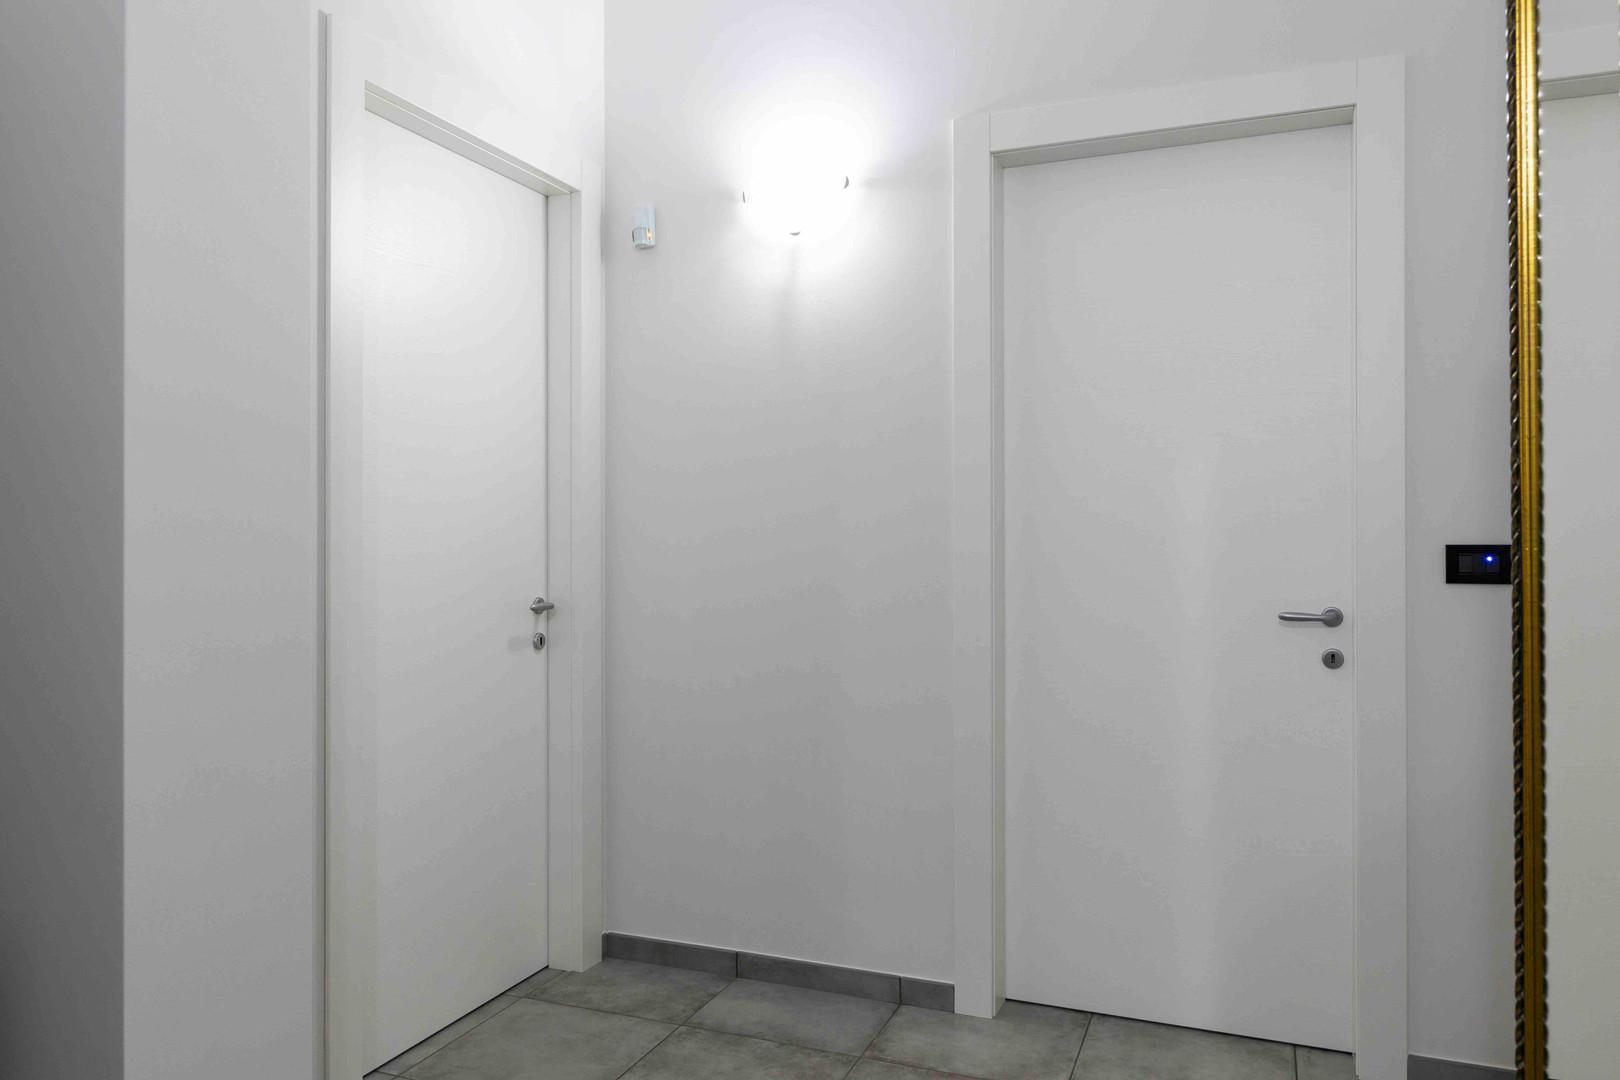 porta interna bianca liscia3 (2).jpeg